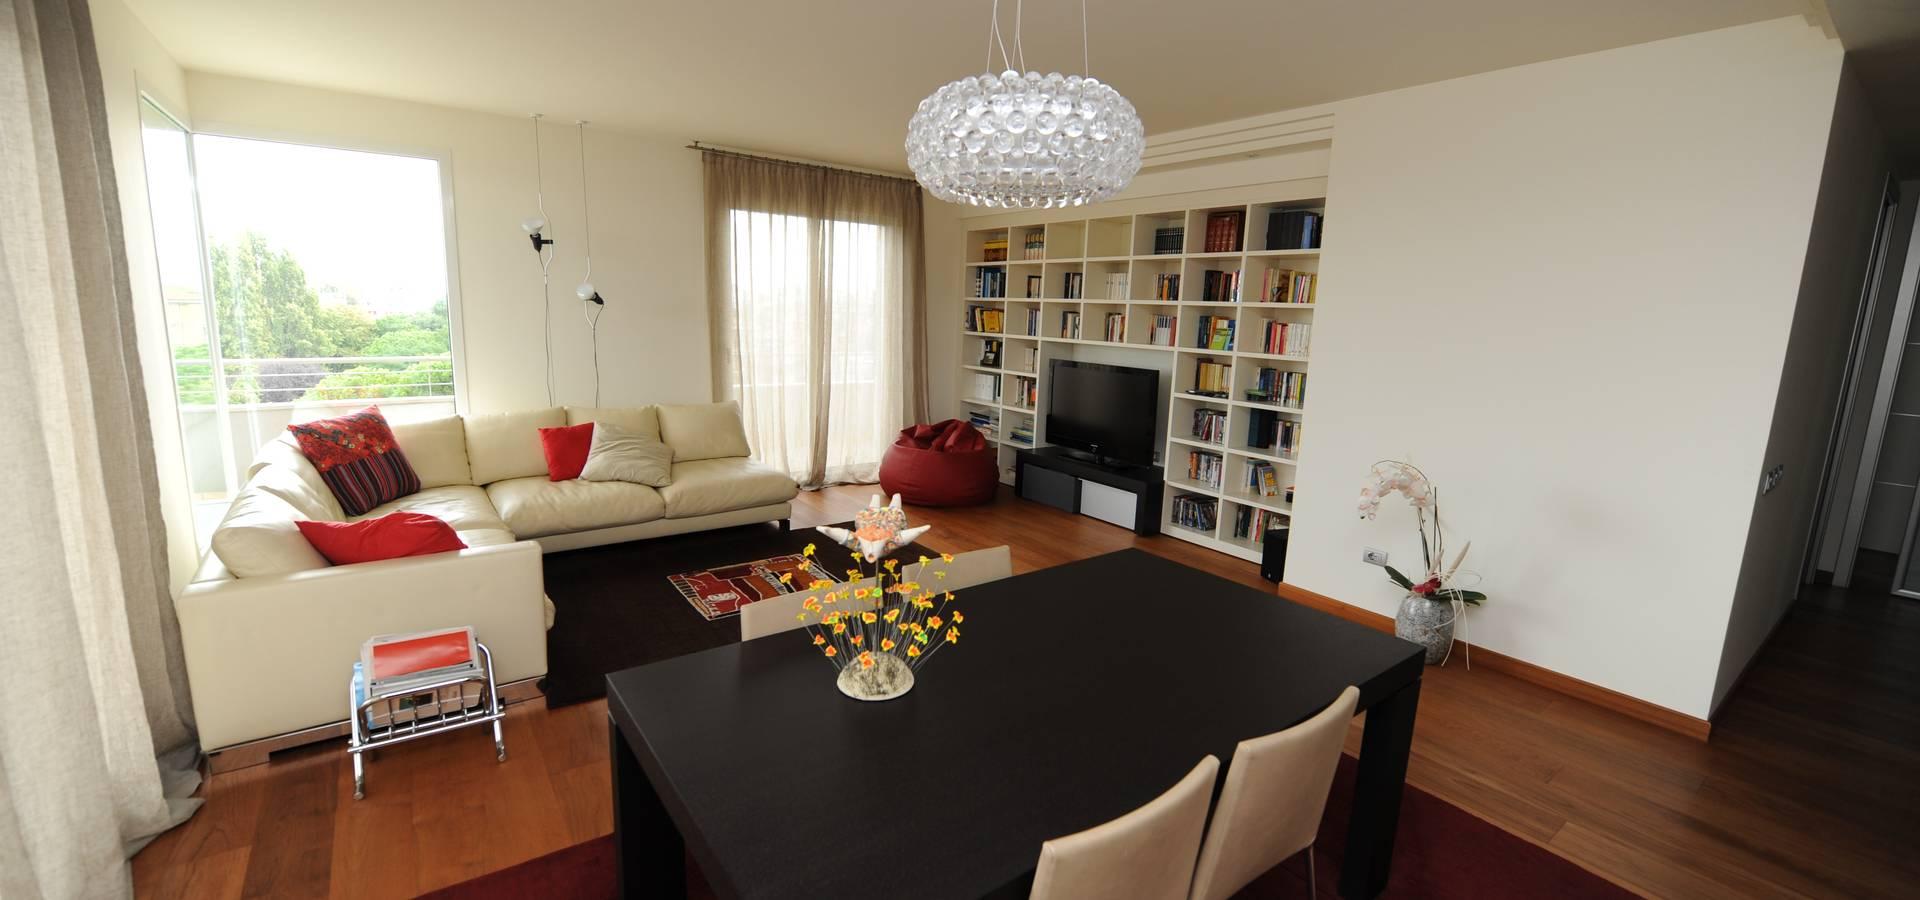 Affordable studio di e duinterni with architetto d interni - Architetto interni milano ...